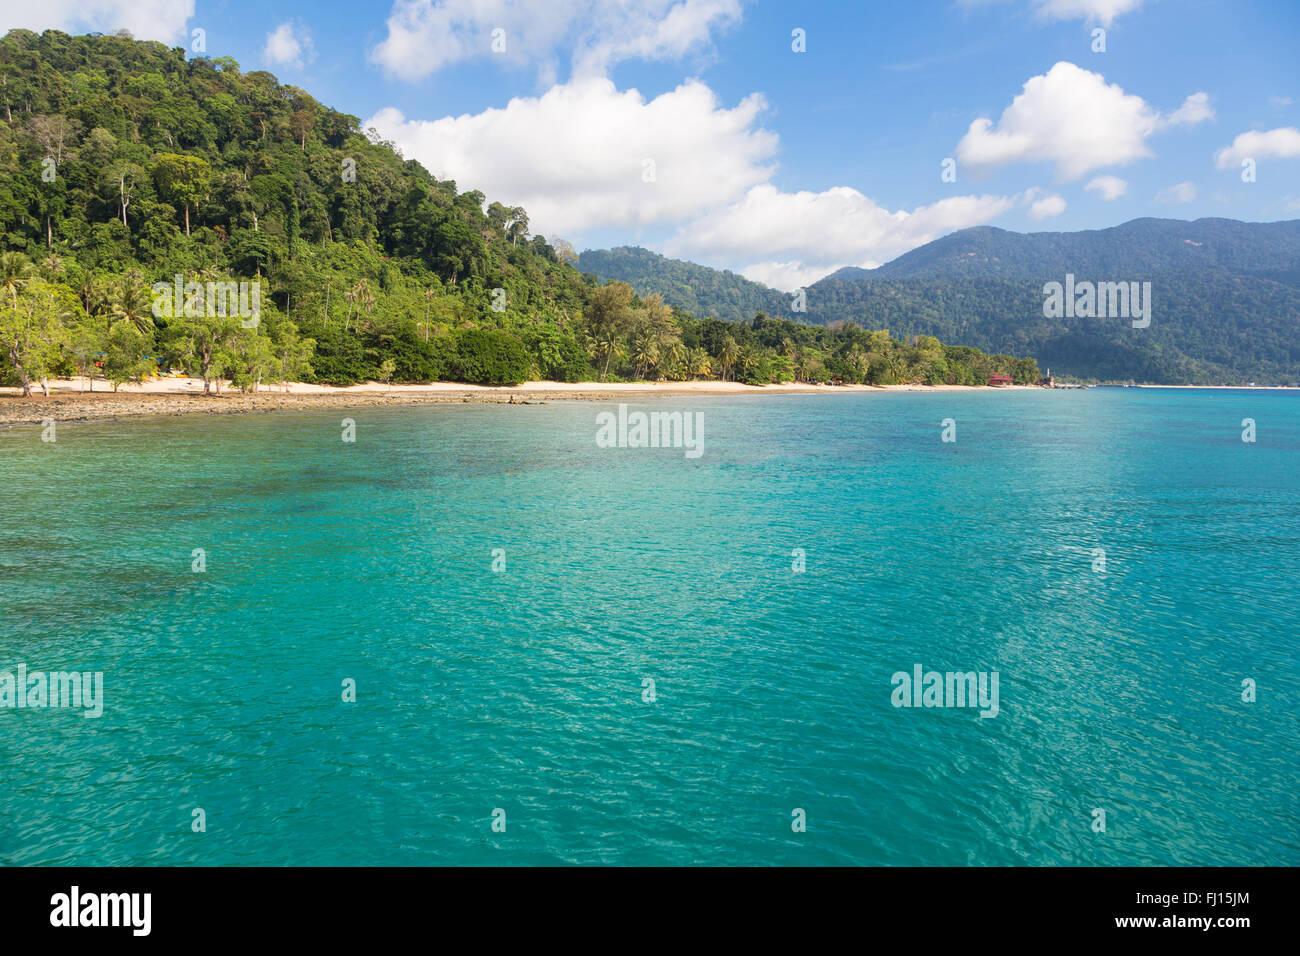 Isola di Tioman è una splendida isola tropicale della costa orientale della penisola malese. Immagini Stock